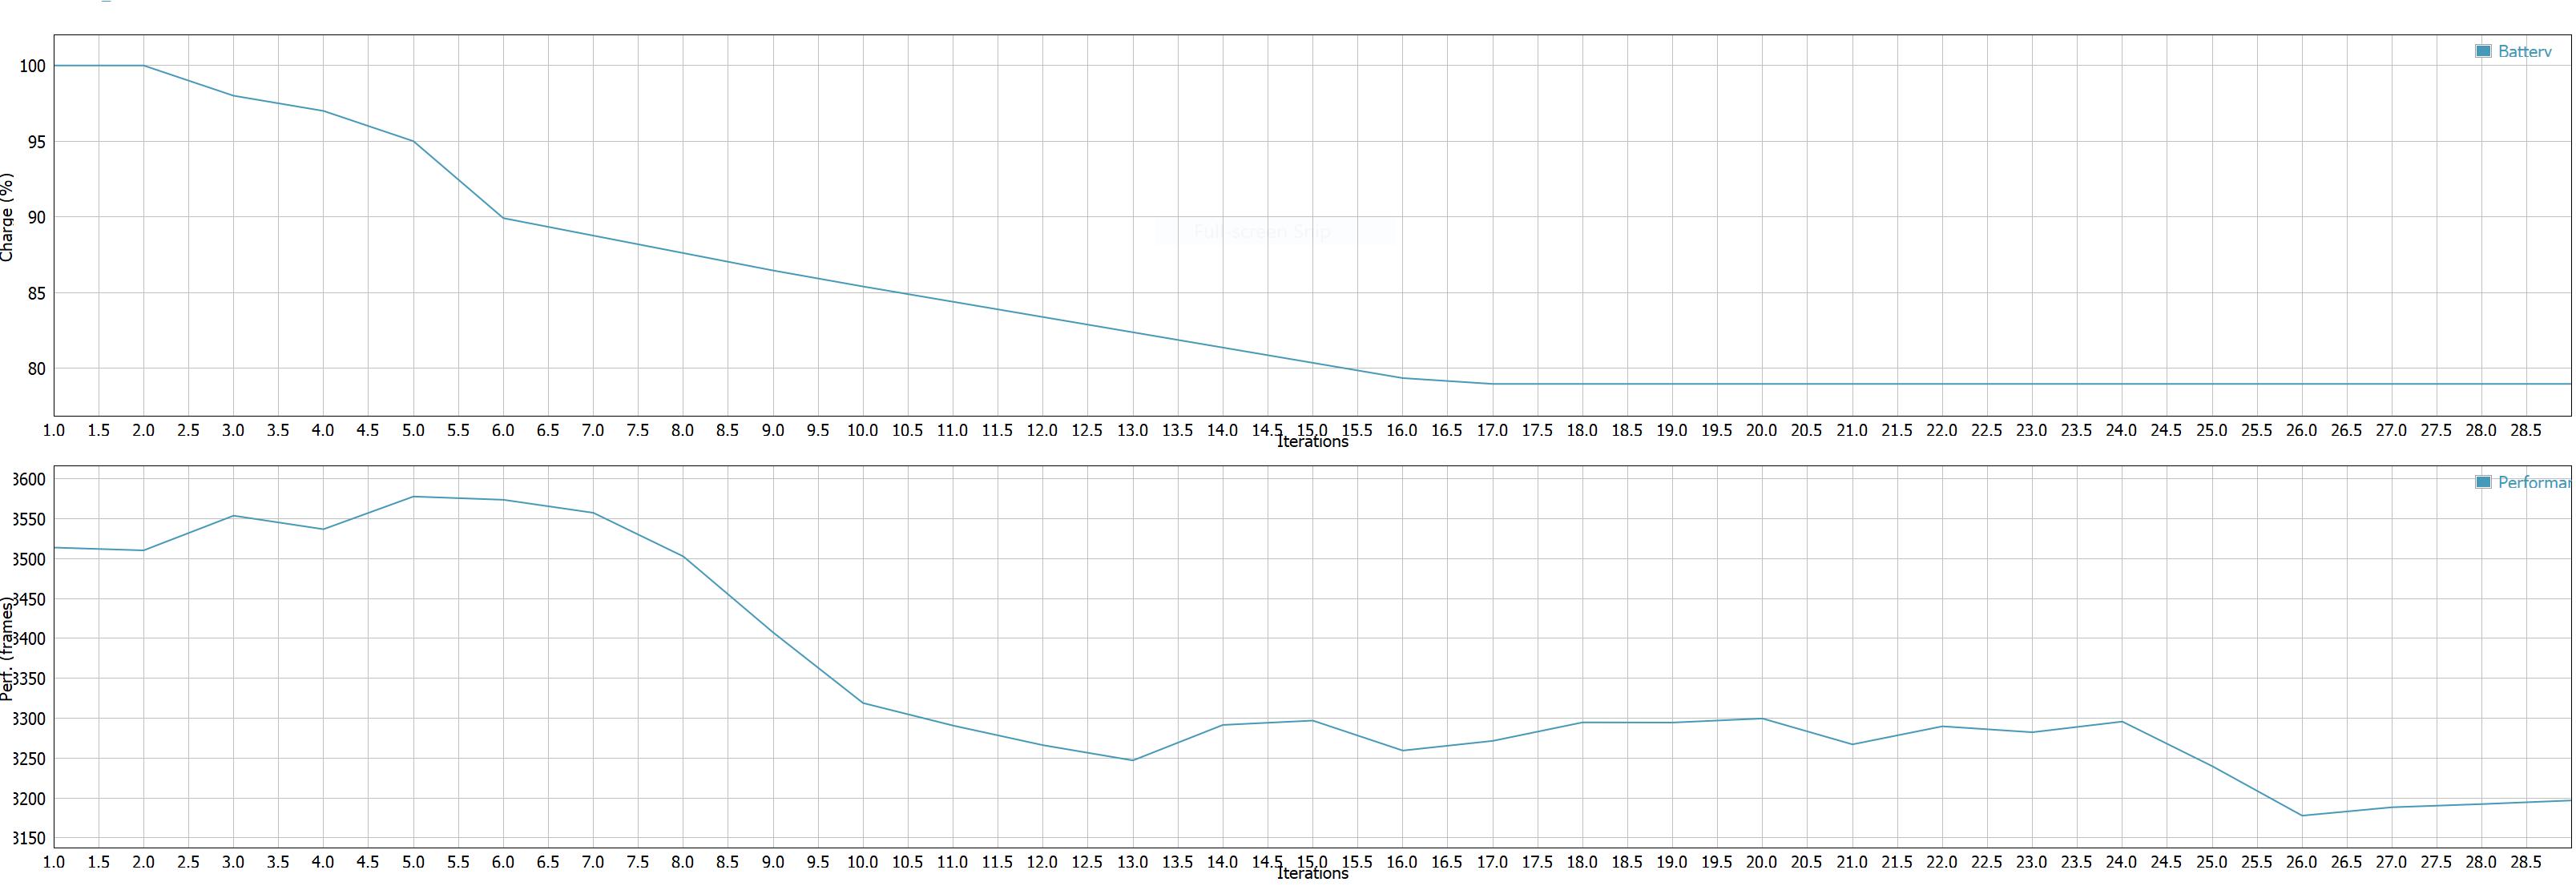 نمودار آزمون باتری سرفیس بوک ۳